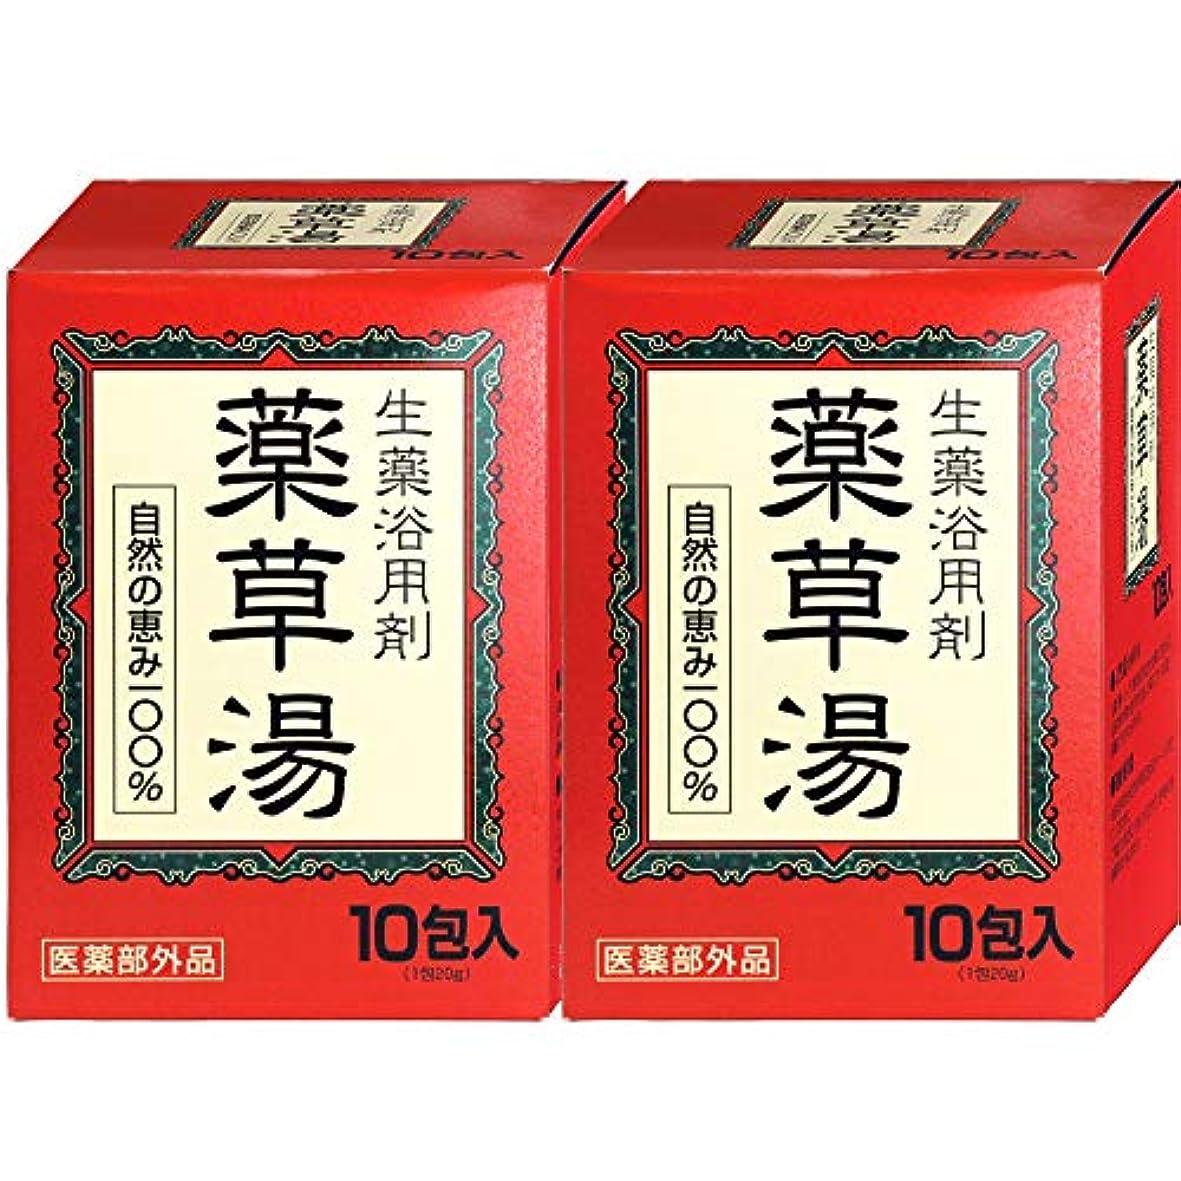 重大コート燃やす薬草湯 生薬浴用剤 10包入 【2個セット】自然の恵み100% 医薬部外品